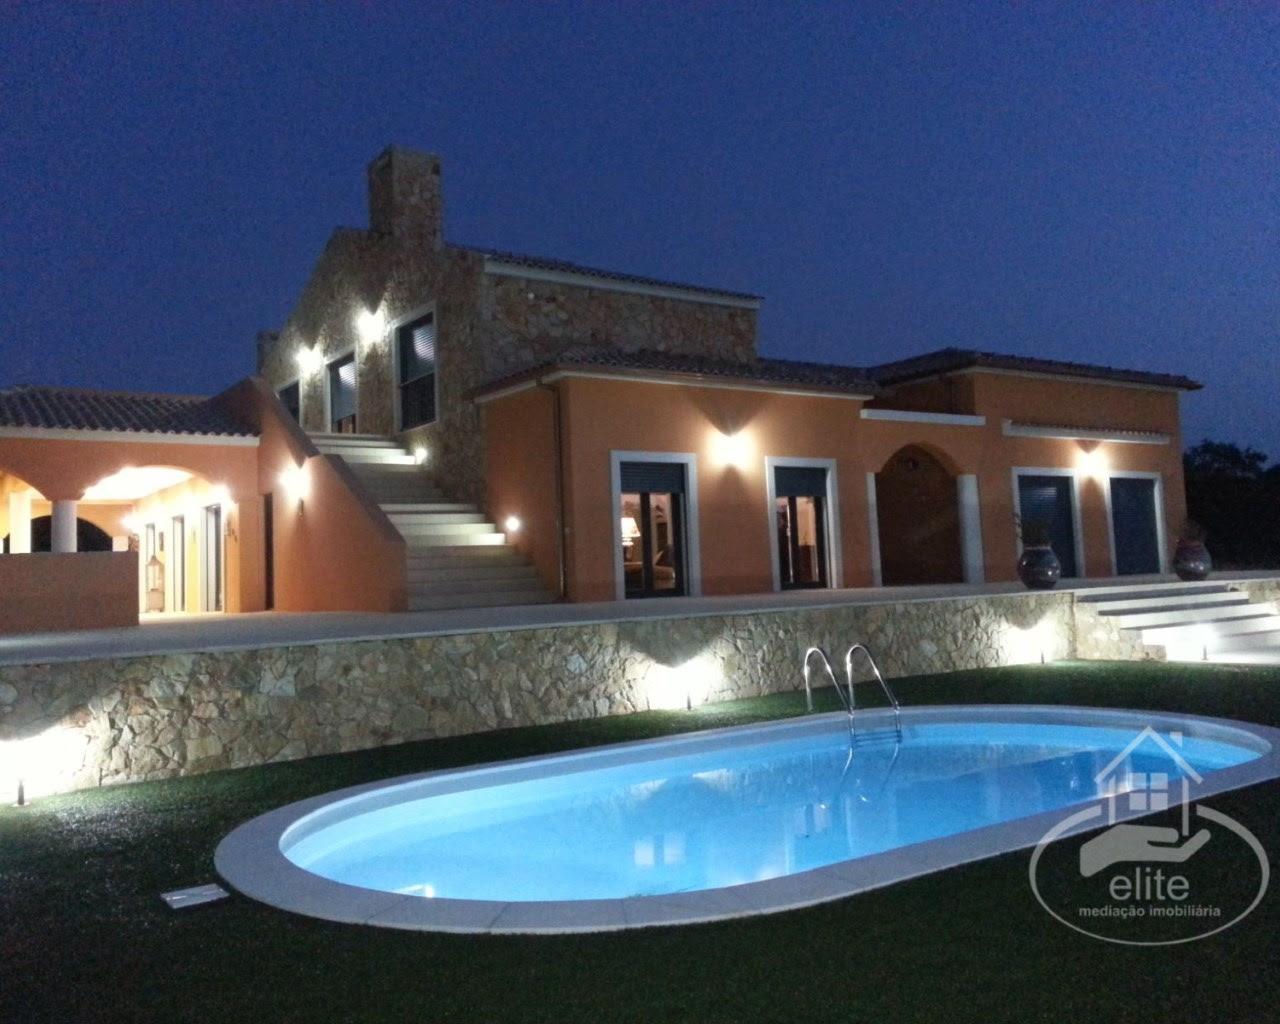 Maravilhosa quintinha V4 em azeitão nova a estrear com garagem, adega, terraços, jardins, furo, paineis solares! Venda  1 650 000 €